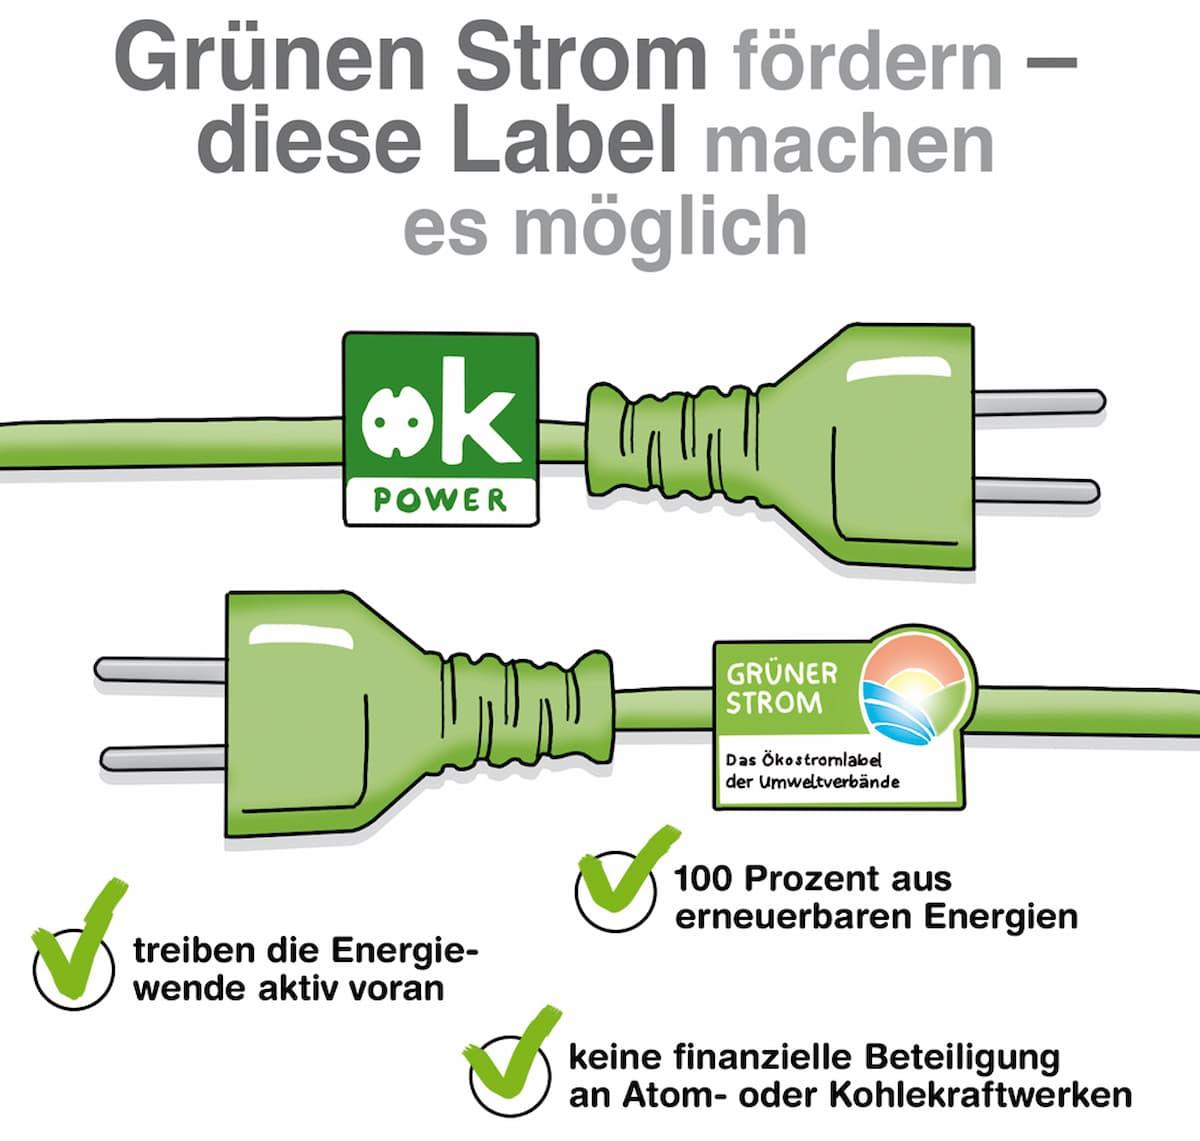 Grünen Strom fördern: Diese Gütesiegel sind vertrauenswürdig